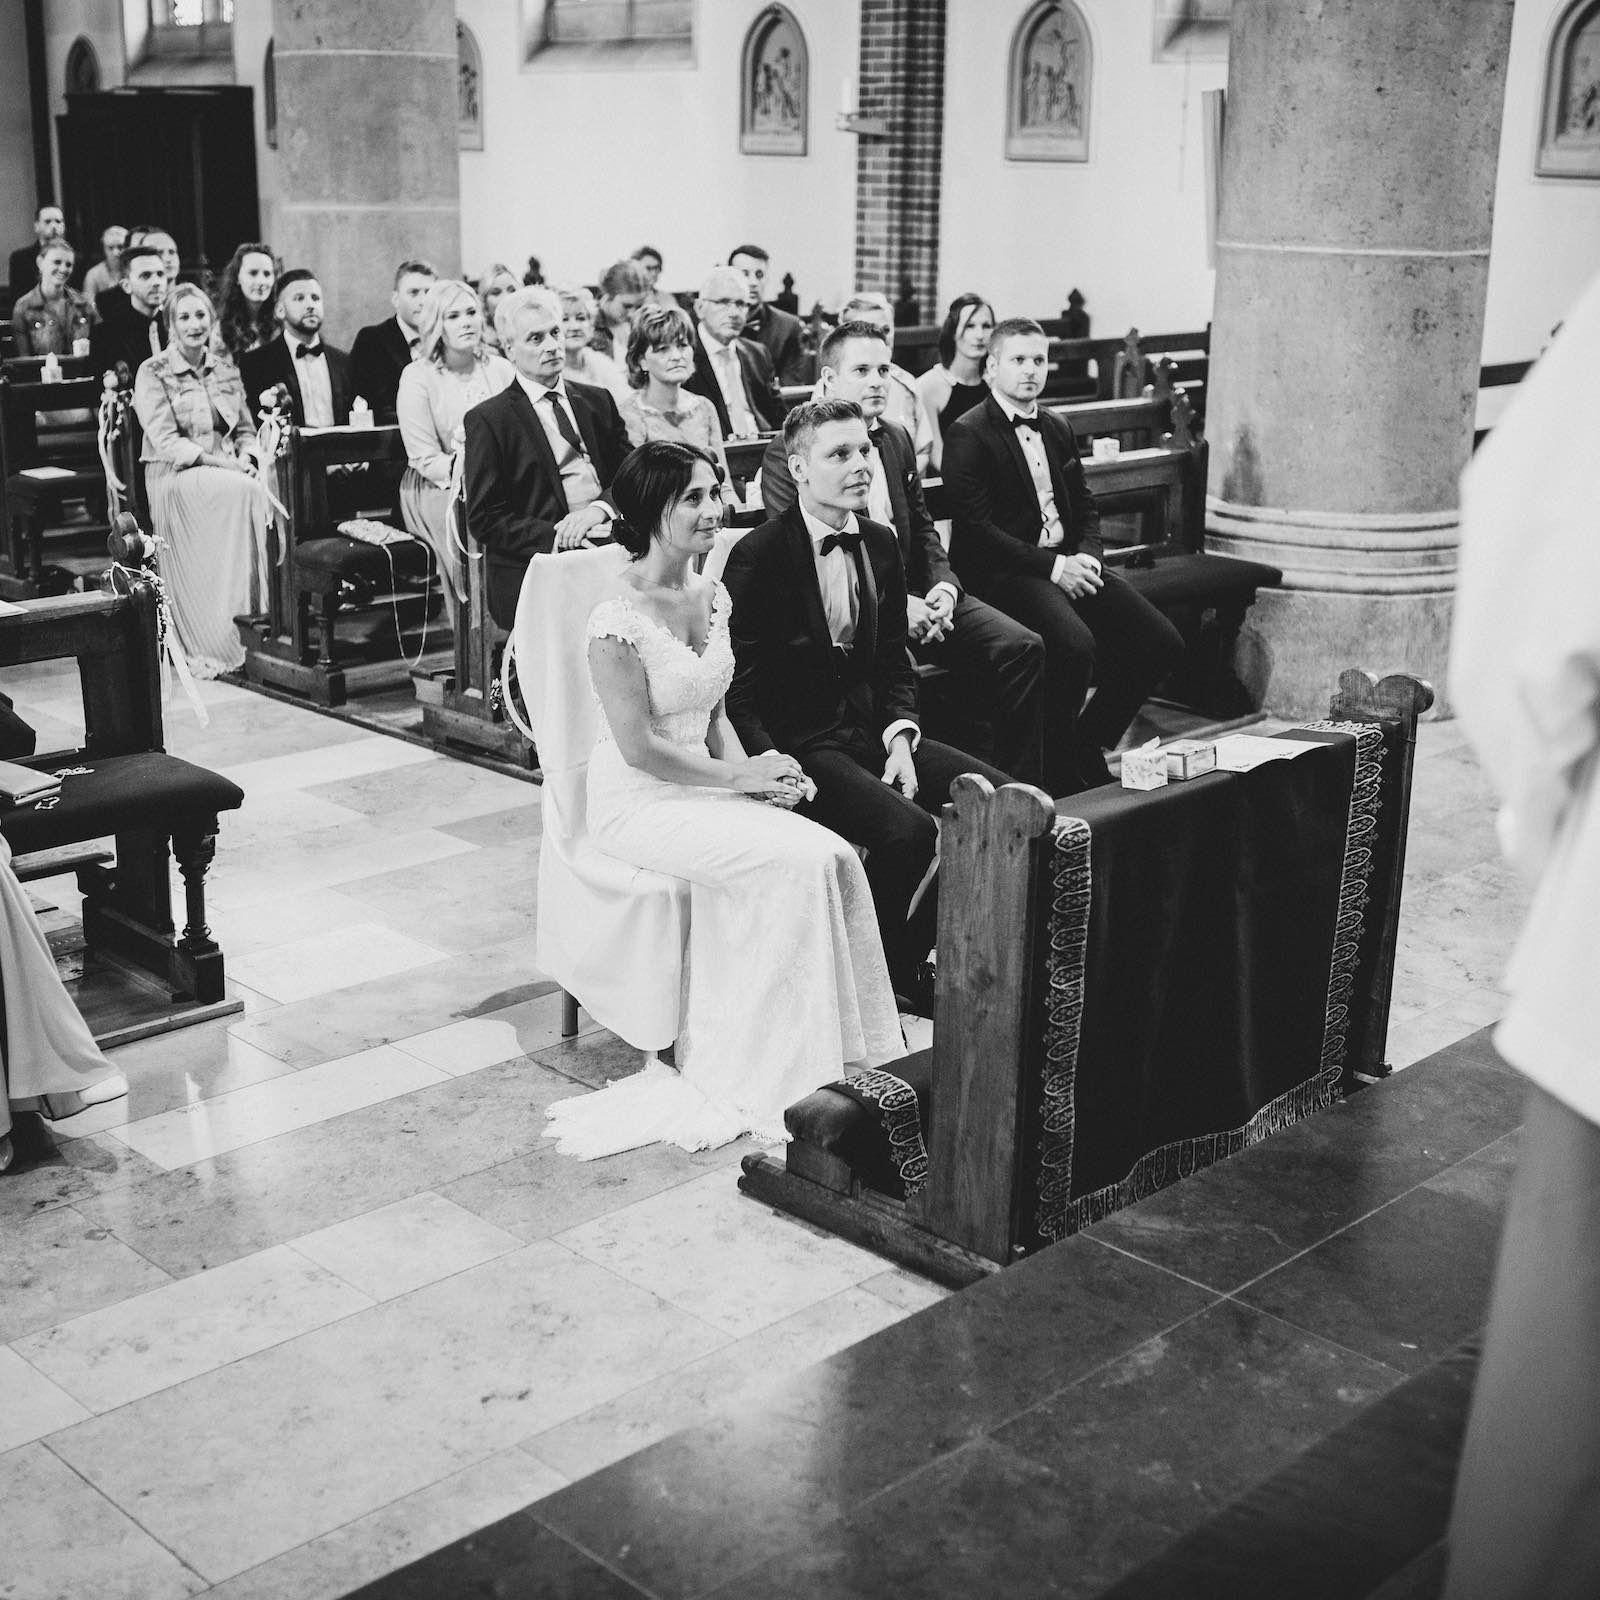 Hochzeitsfotograf | Celle | Hildesheim | Hannover | Peine | Fotograf | Braunschweig Hochzeit | Hochzeitsfotografie | Hochzeitsreportage | Fotografie | Mieten | Buchen | Lehmann | Eventservice